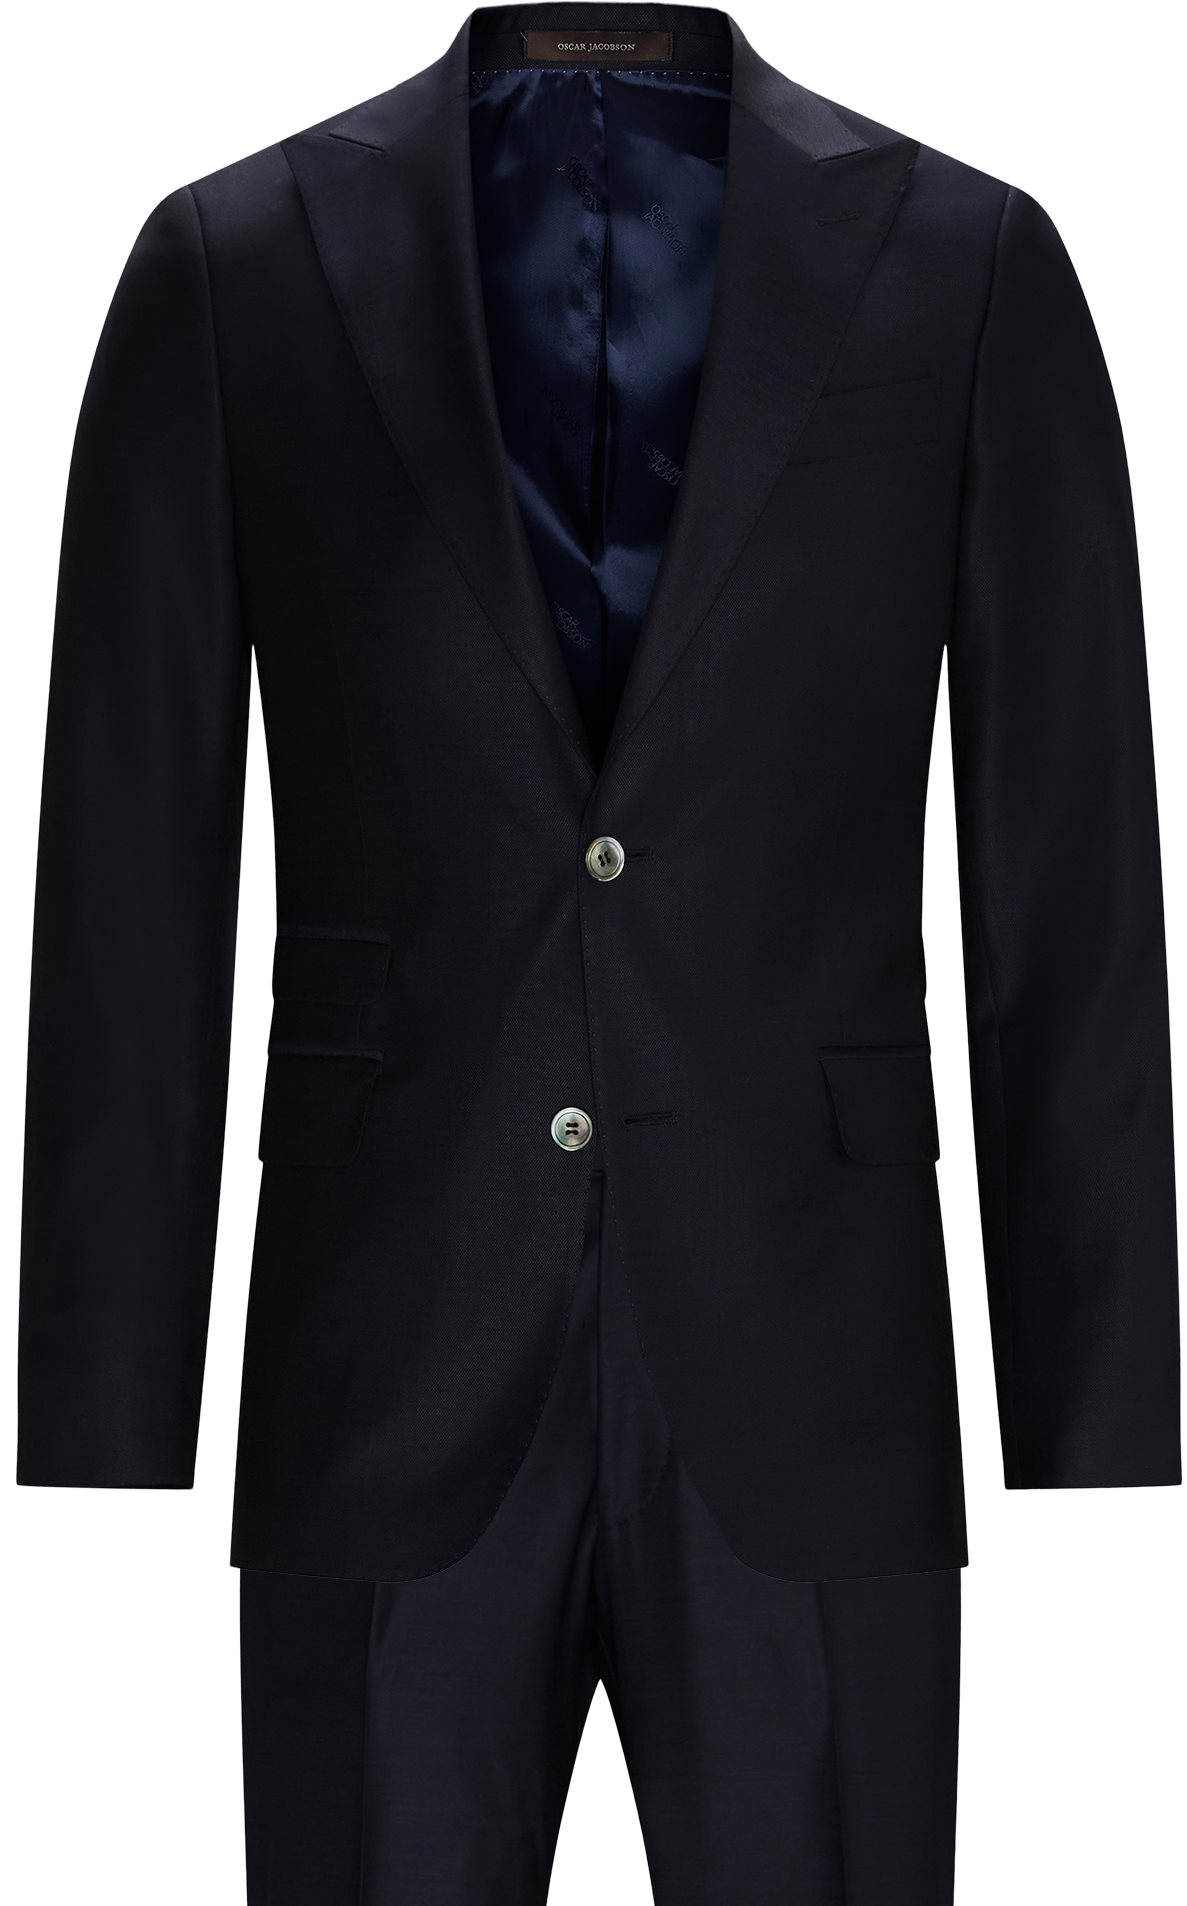 Suits - Blue